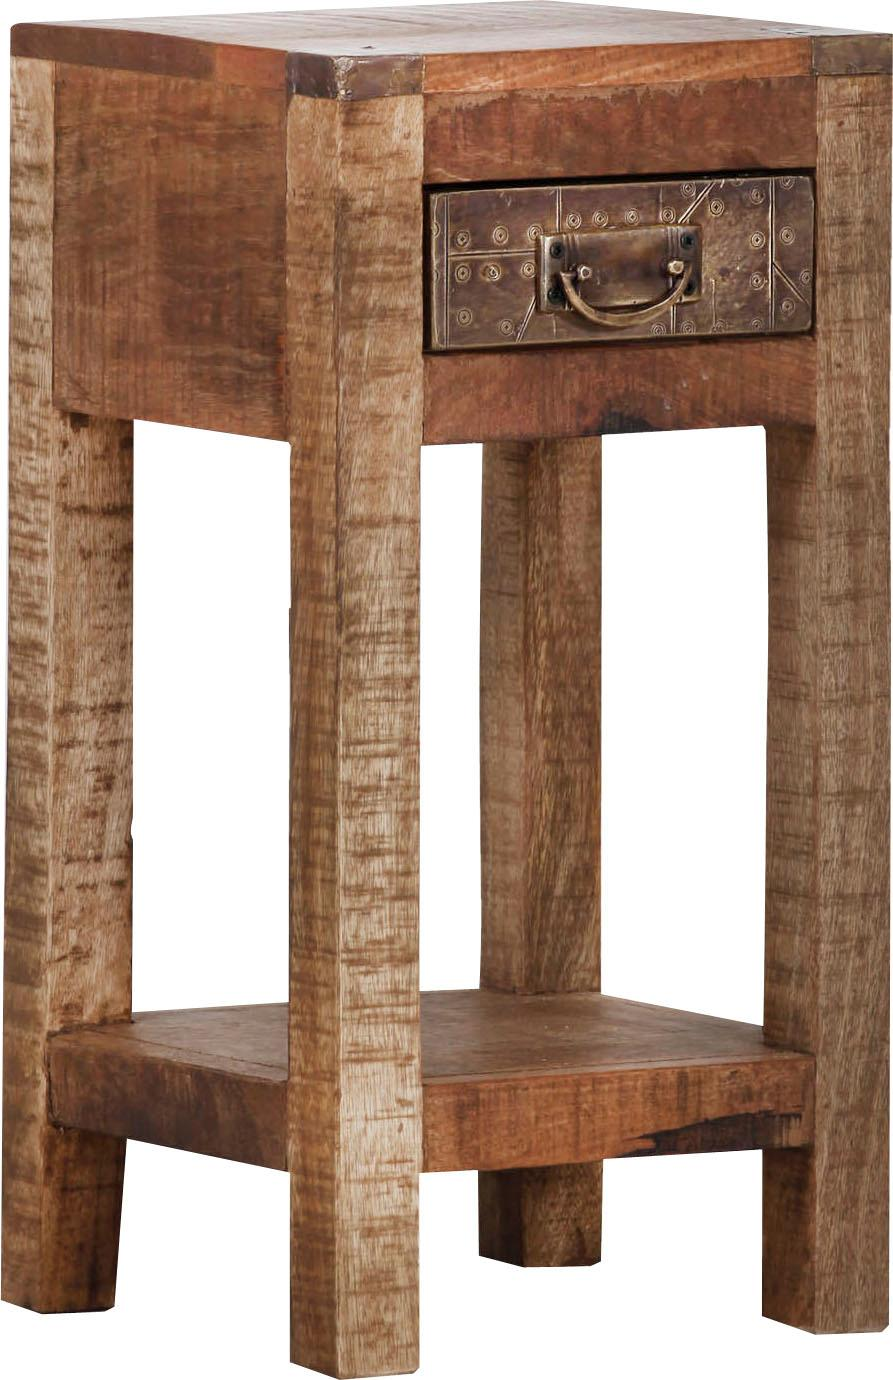 Gutmann Factory Beistelltisch Oriental Wohnen/Möbel/Tische/Beistelltische